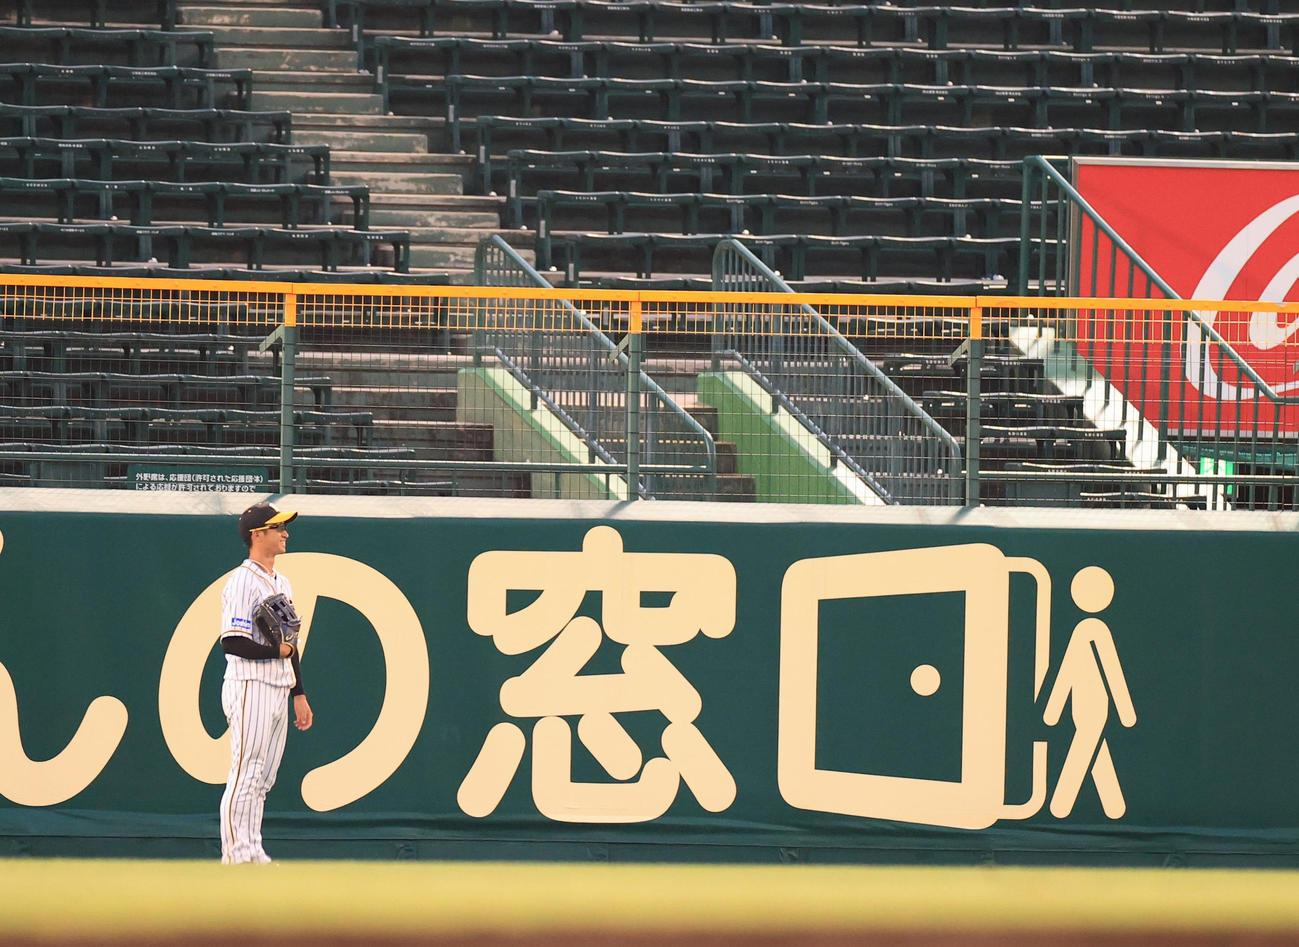 練習試合阪神対ソフトバンク 4回表ソフトバンク無死、柳田悠岐の右中間スタンドで突き刺さる本塁打に苦笑いの中堅手近本光司(撮影・清水貴仁)=2020年6月5日、甲子園球場